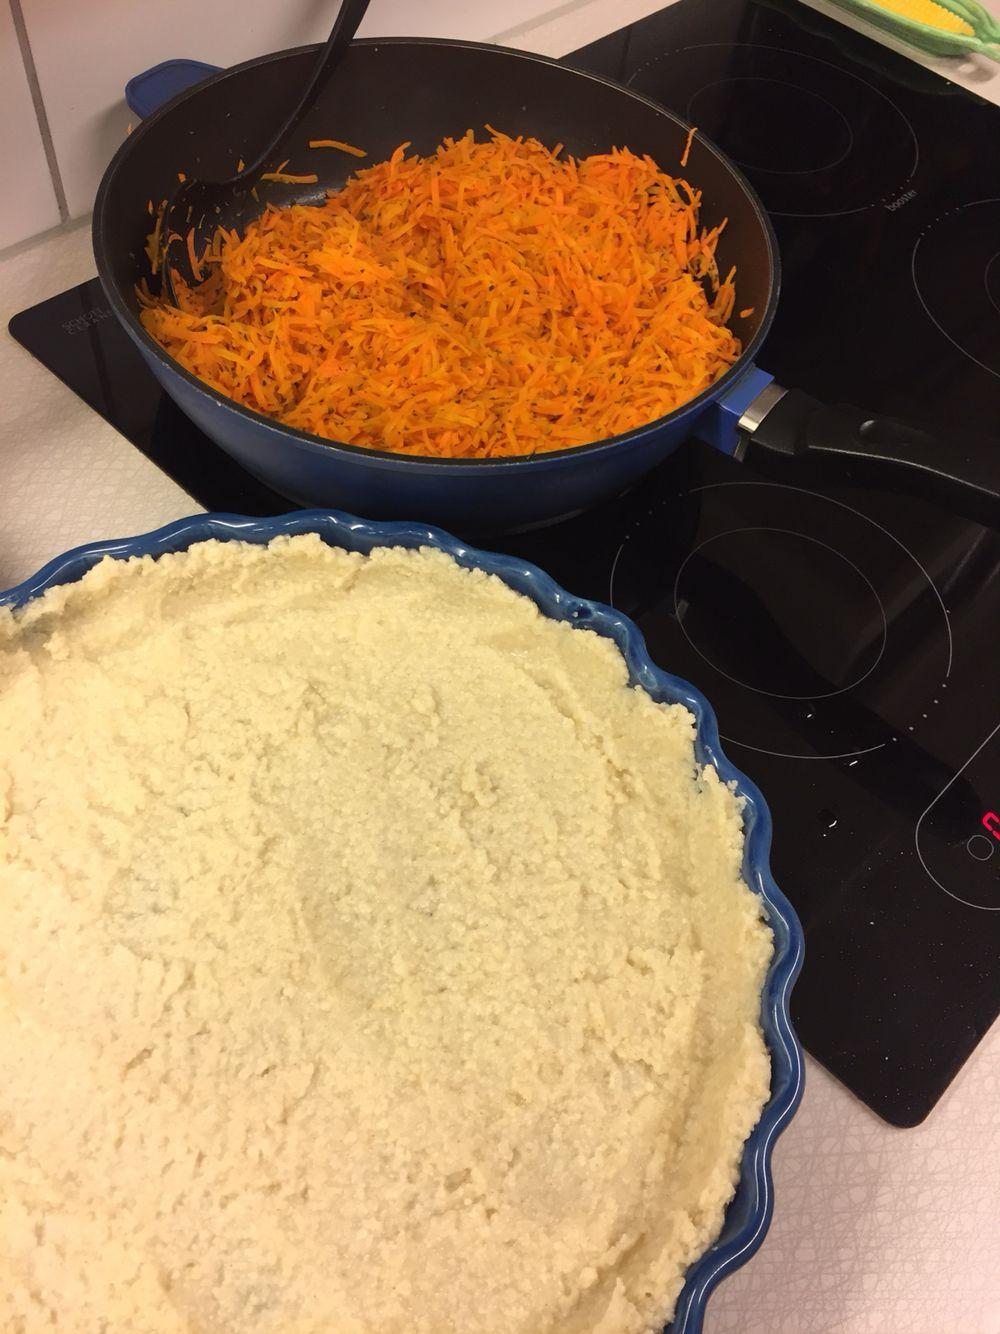 1. Skala o riv morötter, stek med basilika o salt el buljongtärning. Gör pajdeg, jag kokar hirs m vatten o salt för en glutenfri. Grädda pajskalet, 200 grader